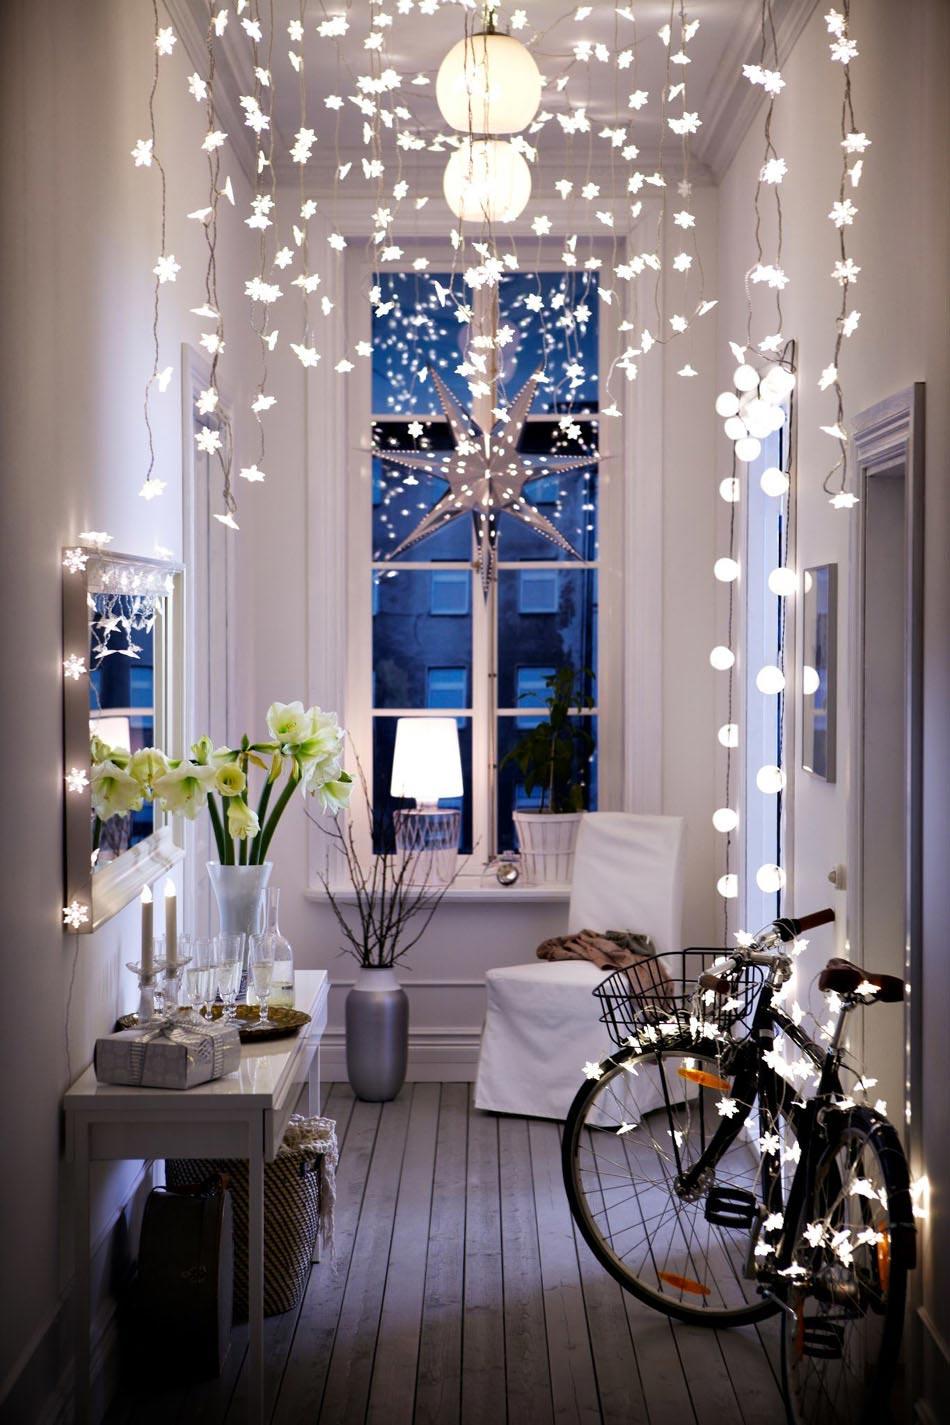 Decoration Noel Fenetre Interieur Idee De Luminaire Et Lampe Maison